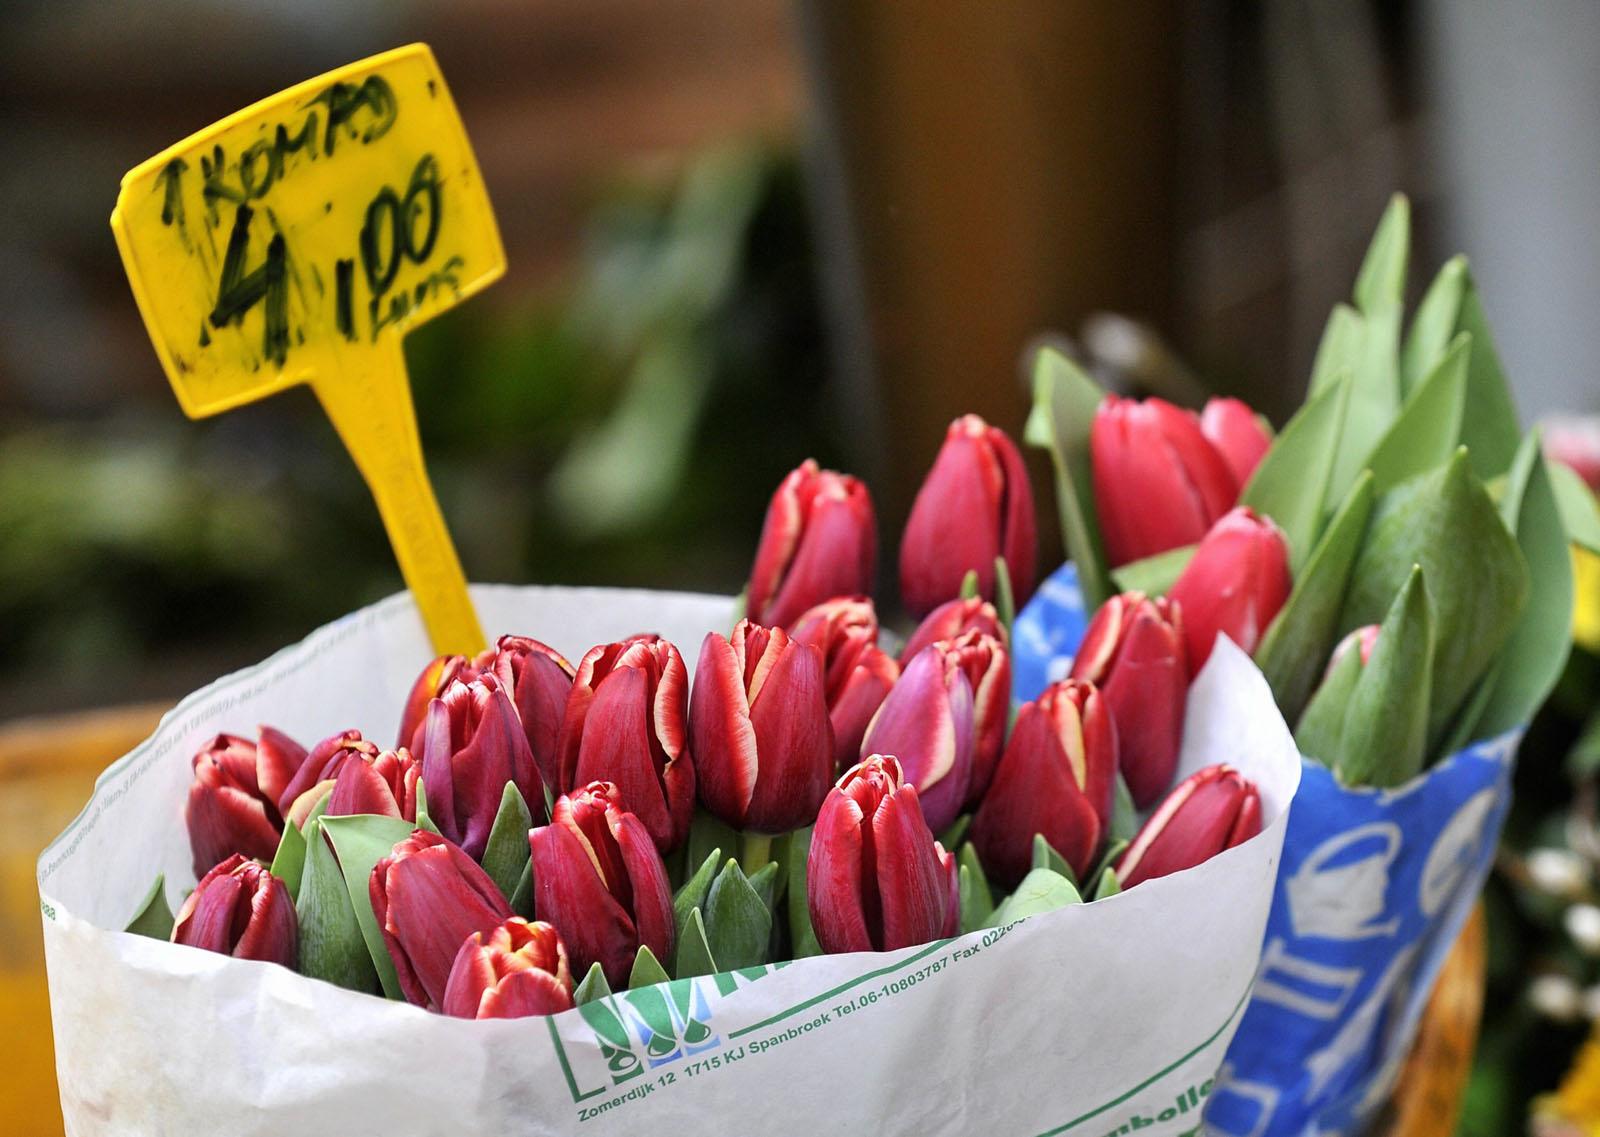 Zagreb, 080214.   Dolac.  Zive boje vratile su se u grad. Proljetnice svih boja izazvale cu interes mnogih prolaznika. Zumbuli, tulipani,  narcisi, macuhice, mimoze te razno drugo cvijece ove je subote razveselilo mnoge stanovnike Zagreba i osvjezilo mnoge stanove.  Foto: Srdjan Vrancic / CROPIX